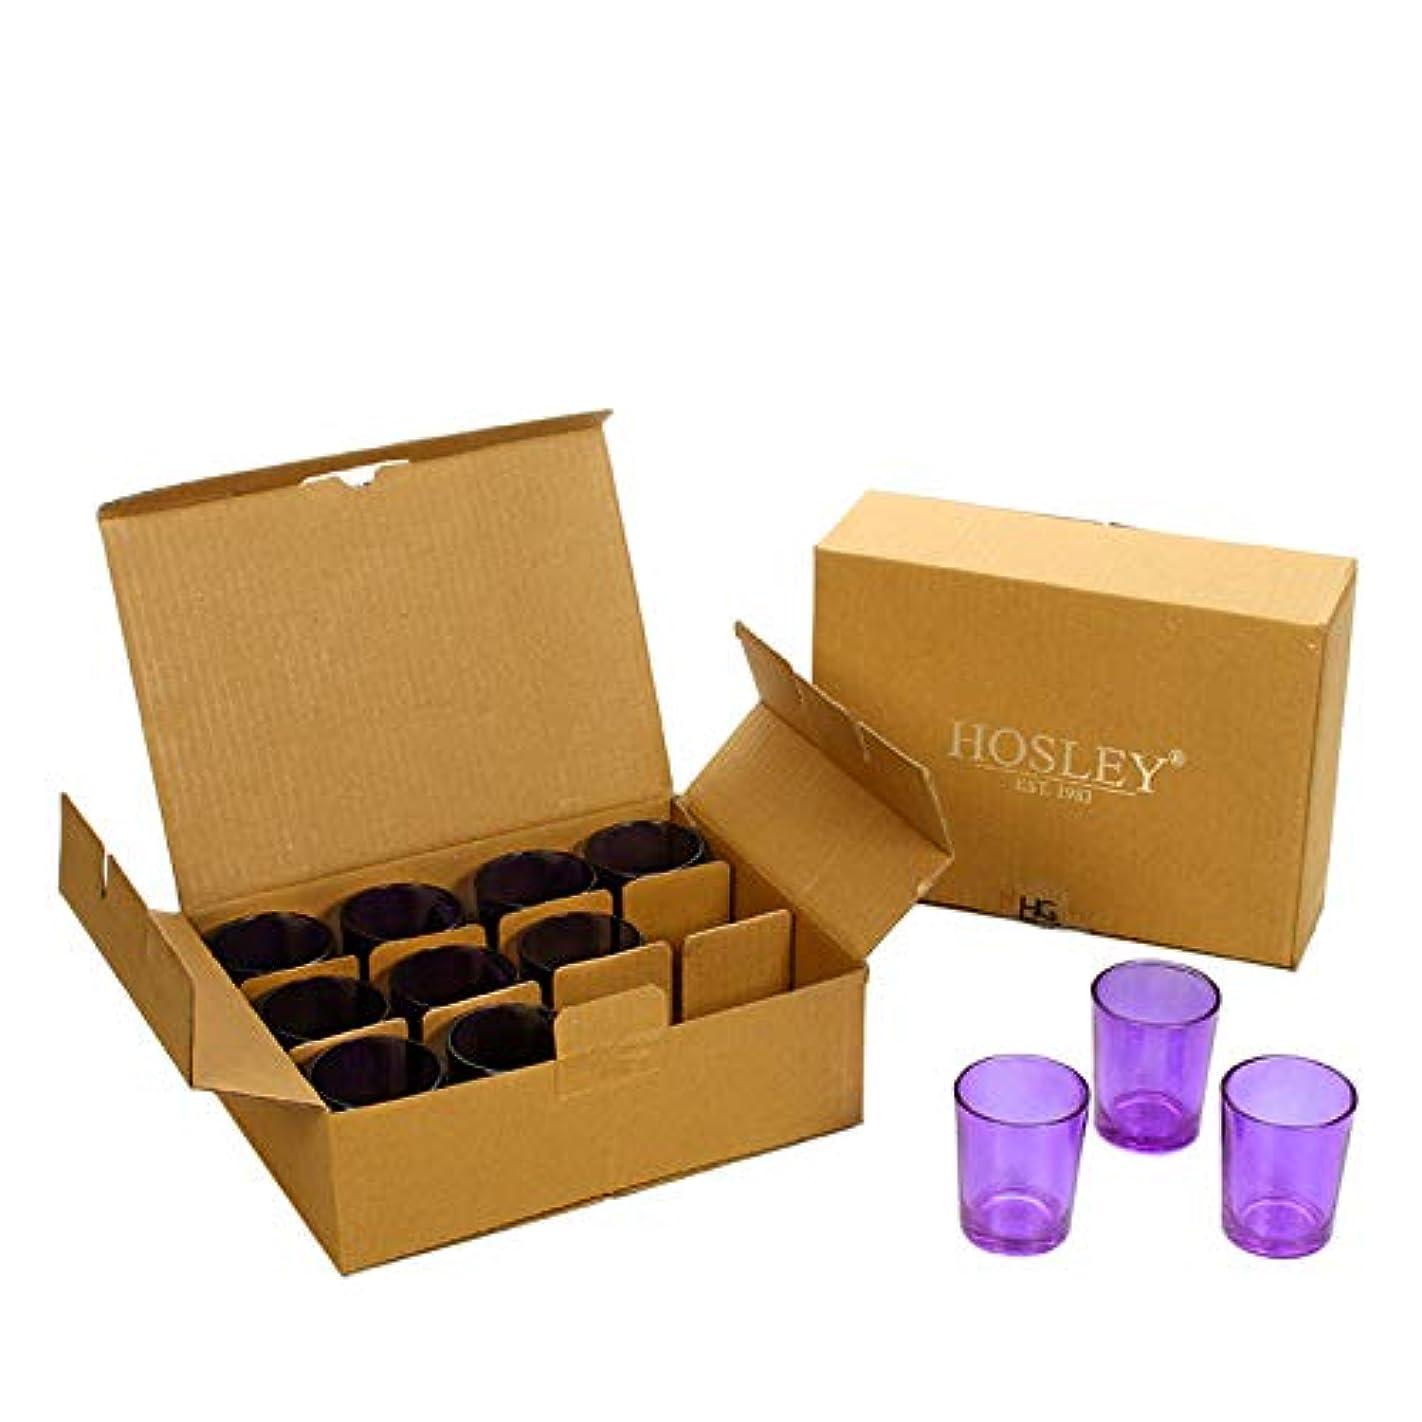 イライラする物理学者所有者Hosley's Set of 24 Purple Glass Votive/Tea Light Holders. Ideal for Weddings, Parties, Spa & Aromatherapy, Votive...